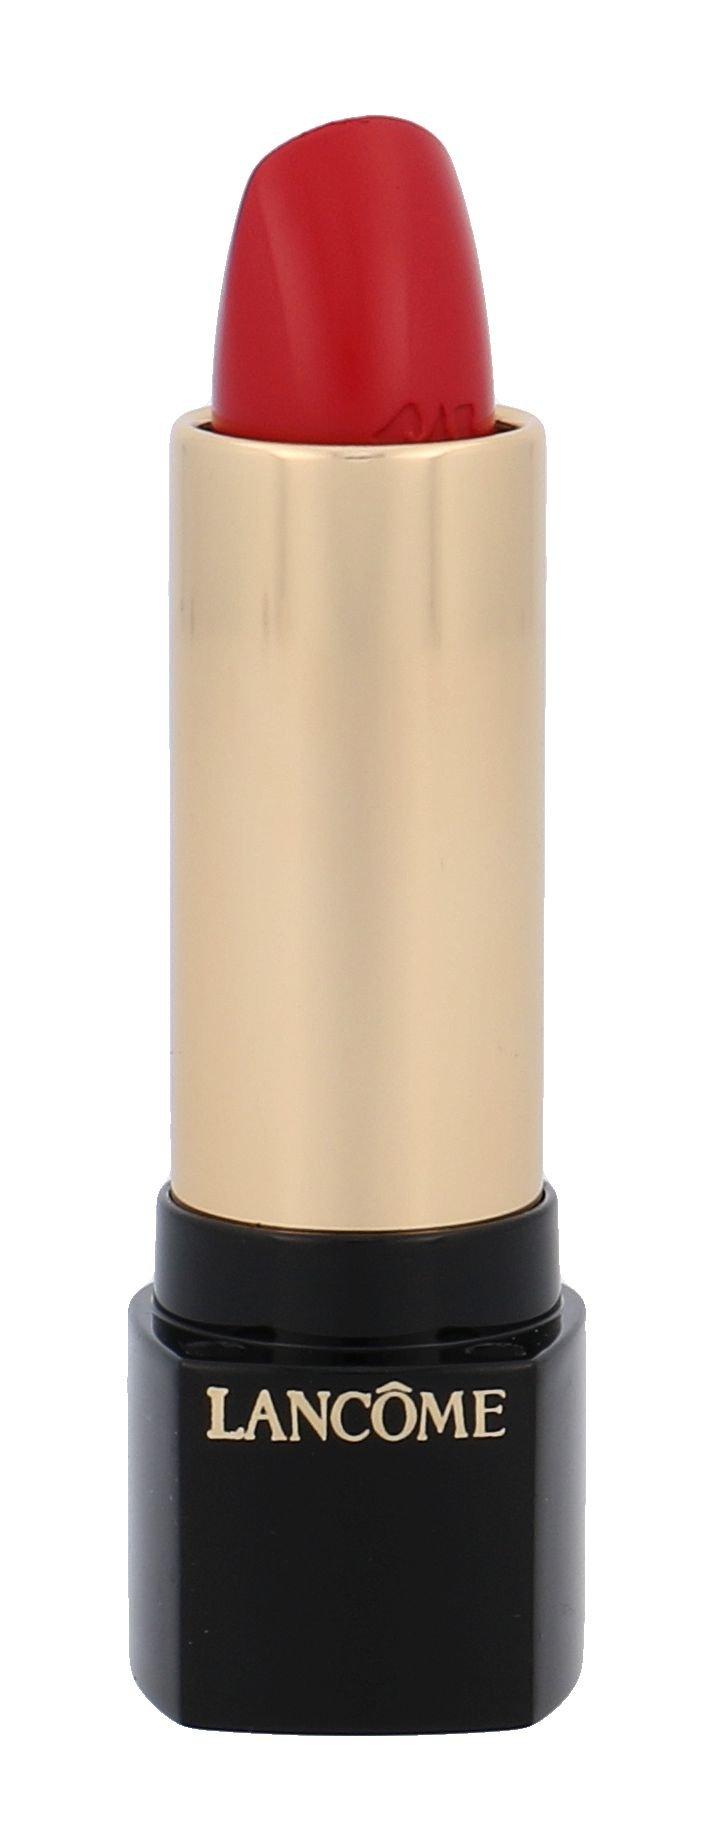 Lancôme L Absolu Rouge Cosmetic 4,2ml 165